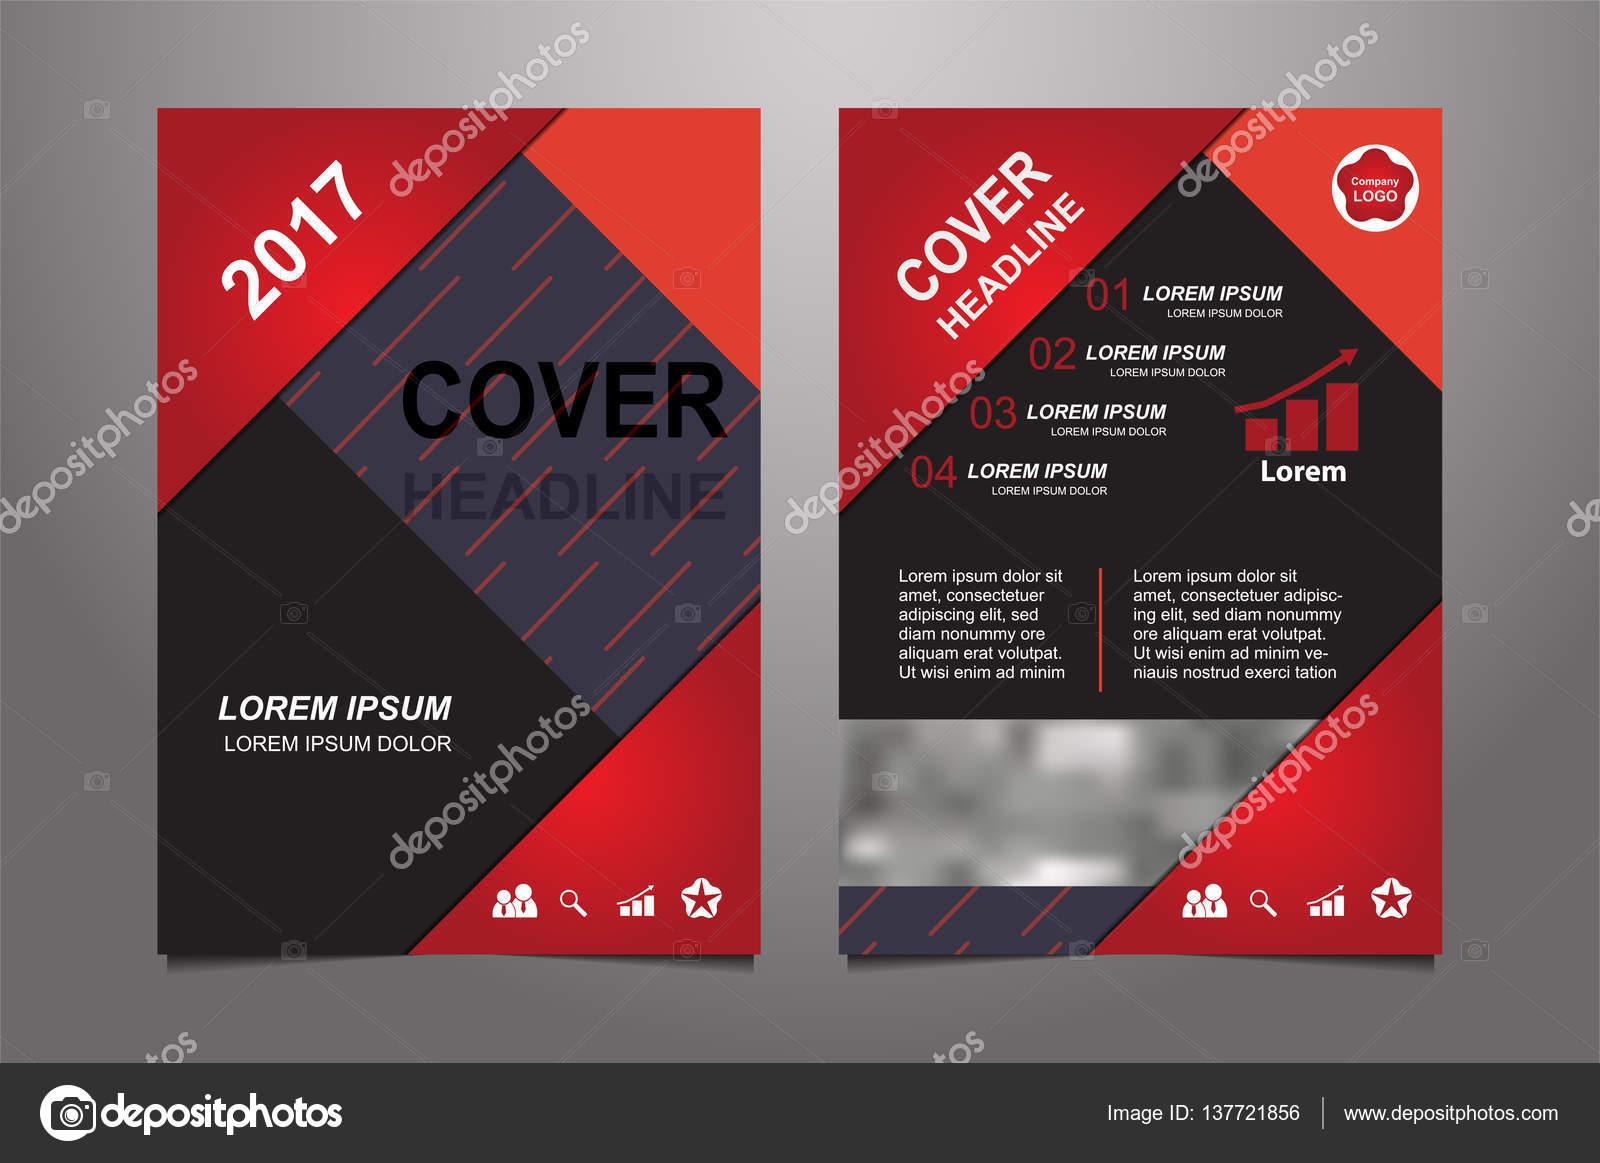 Abstrakt rot Präsentation Buch Cover-Design-Vorlagen — Stockvektor ...